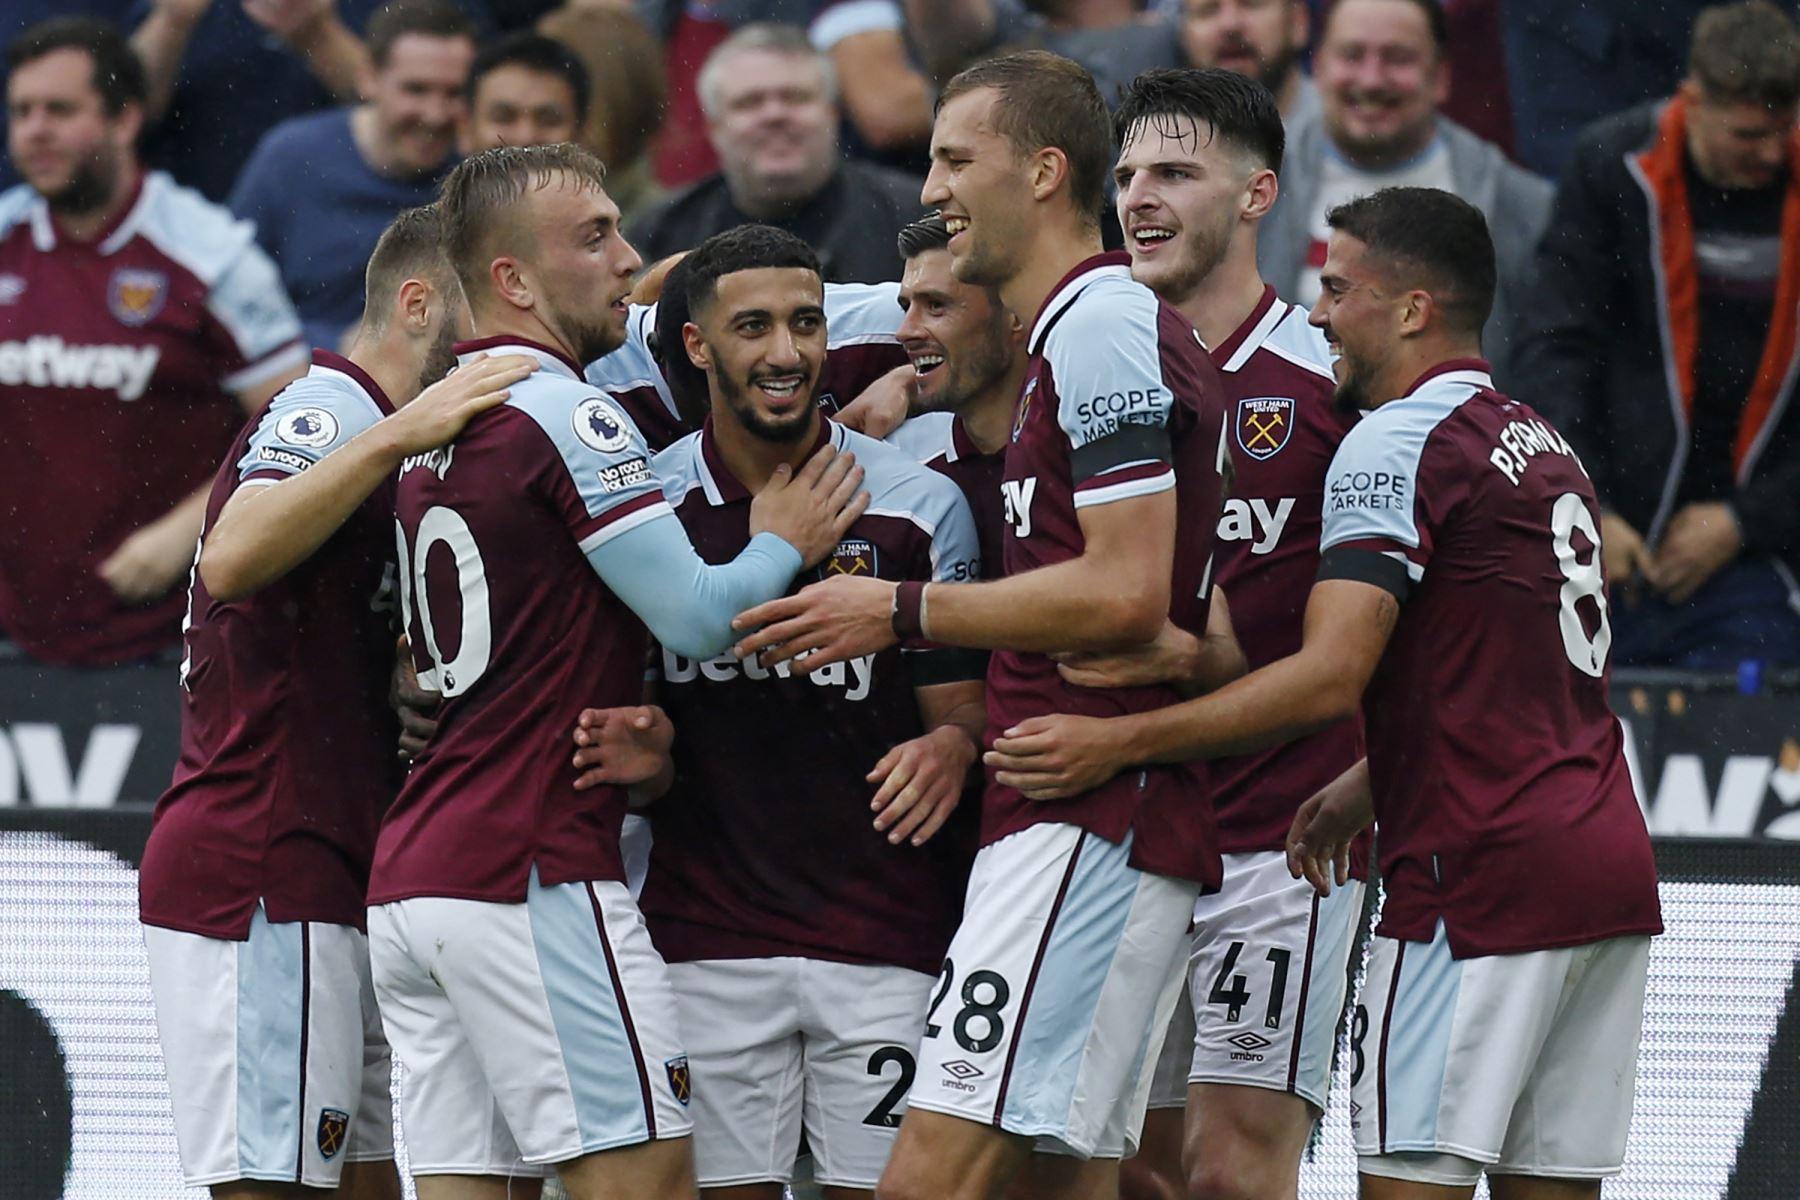 El centrocampista argelino del West Ham, Said Benrahma, celebra con sus compañeros de equipo después de marcar el primer gol durante el partido de la Premier League. Foto: AFP